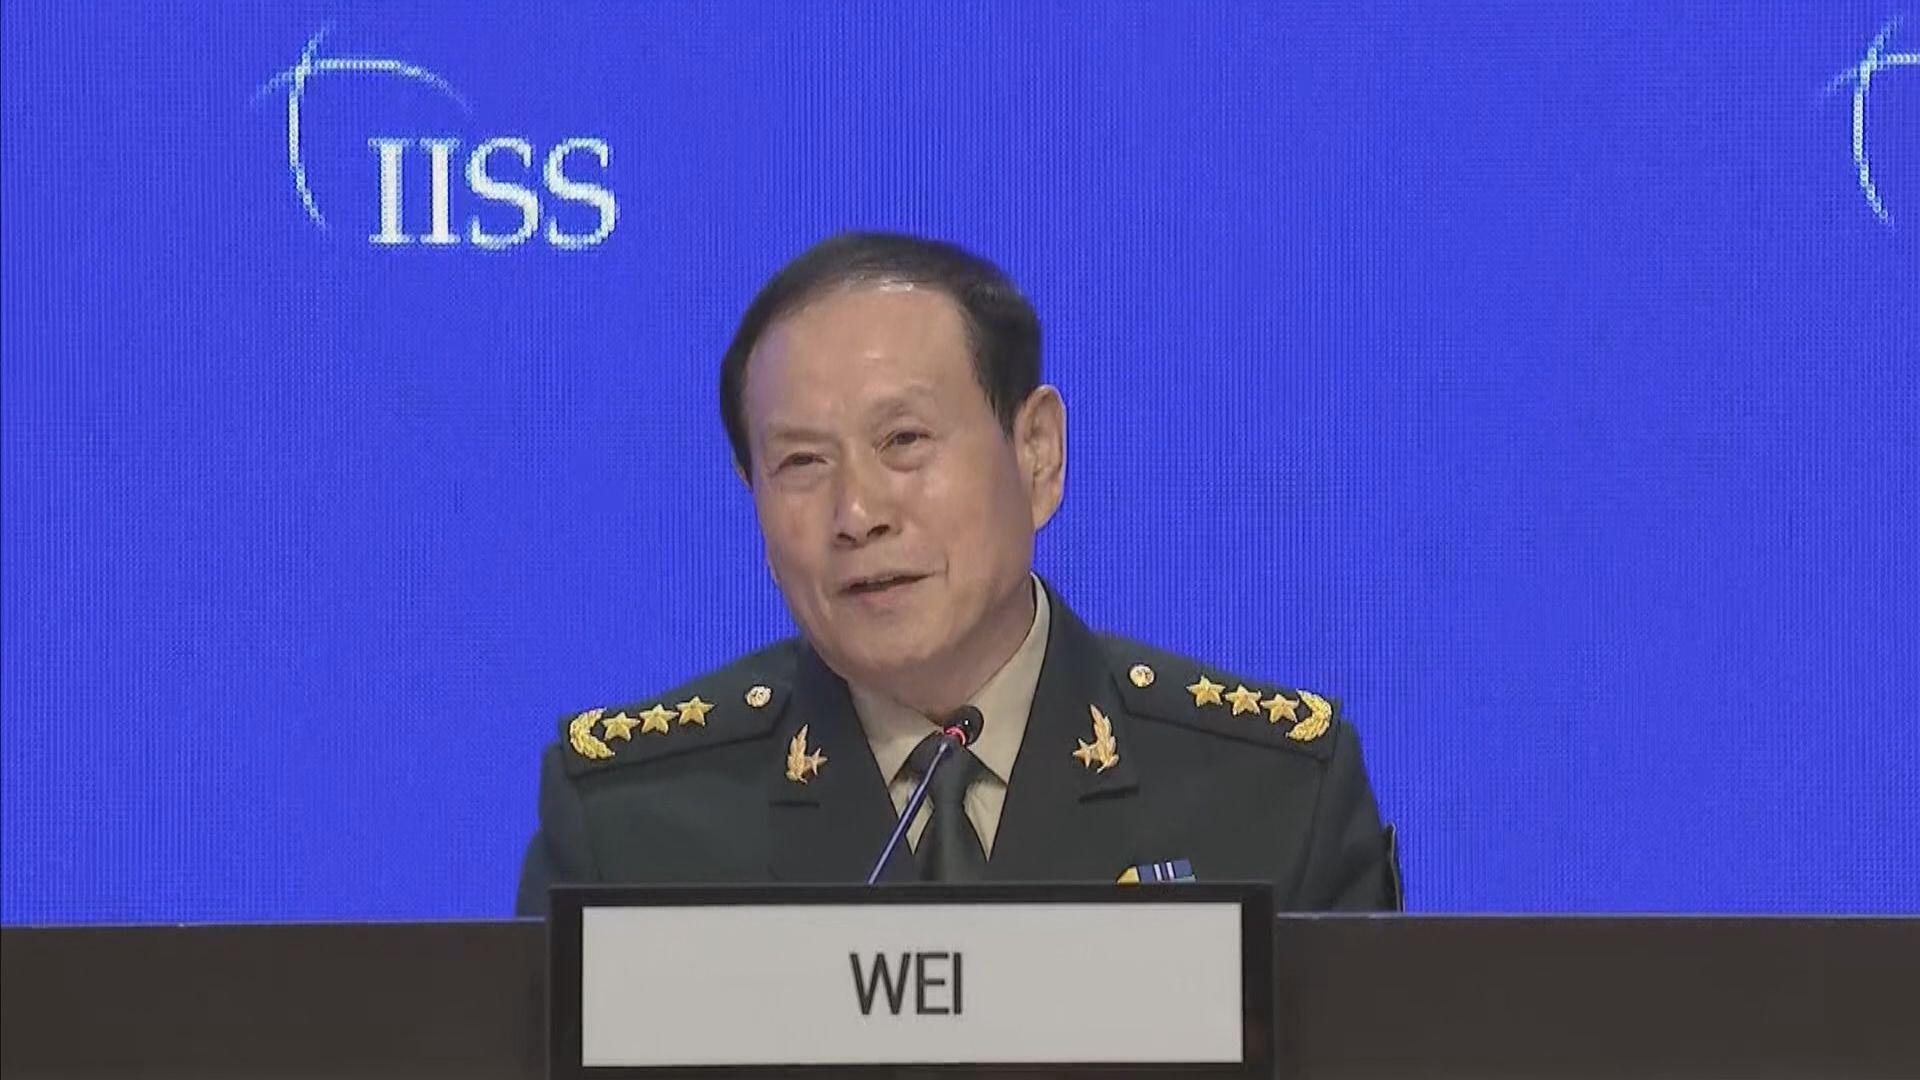 魏鳳和:中央當年六四採取正確措施平息動亂